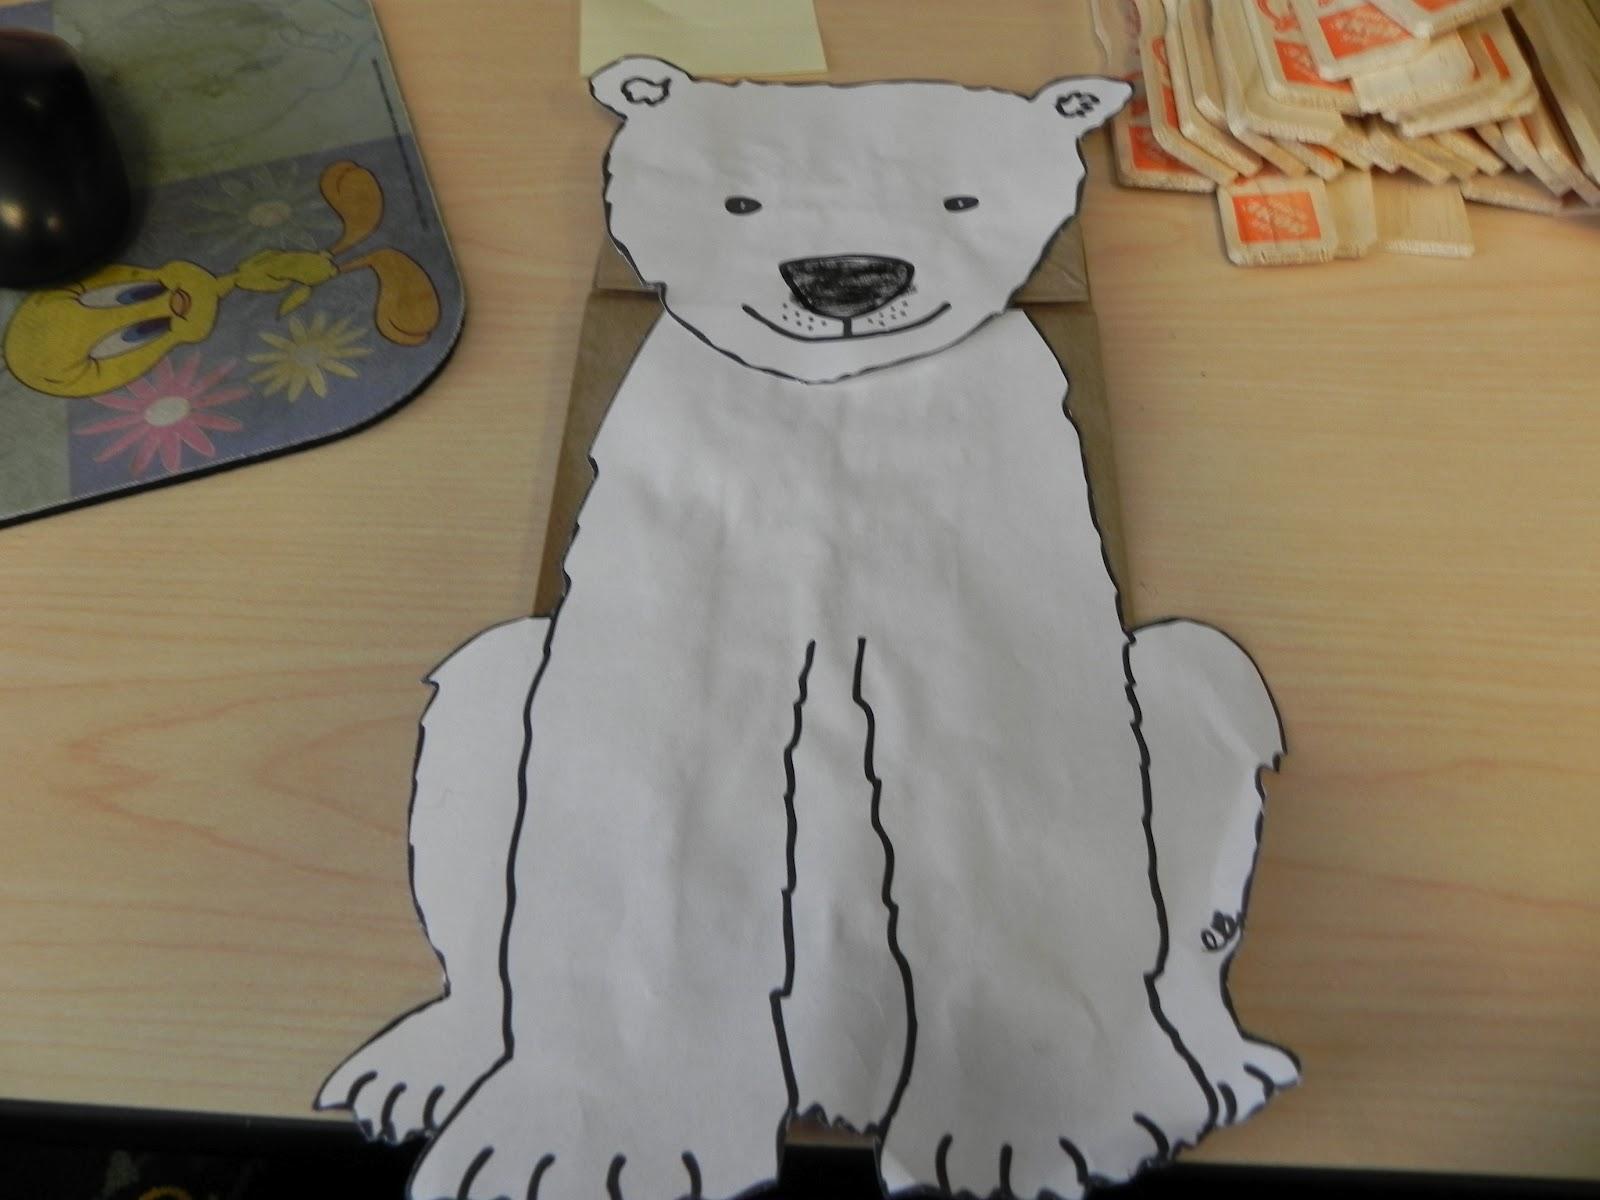 Polar Bear Craft Template Rhyme: polar bear, polar bear